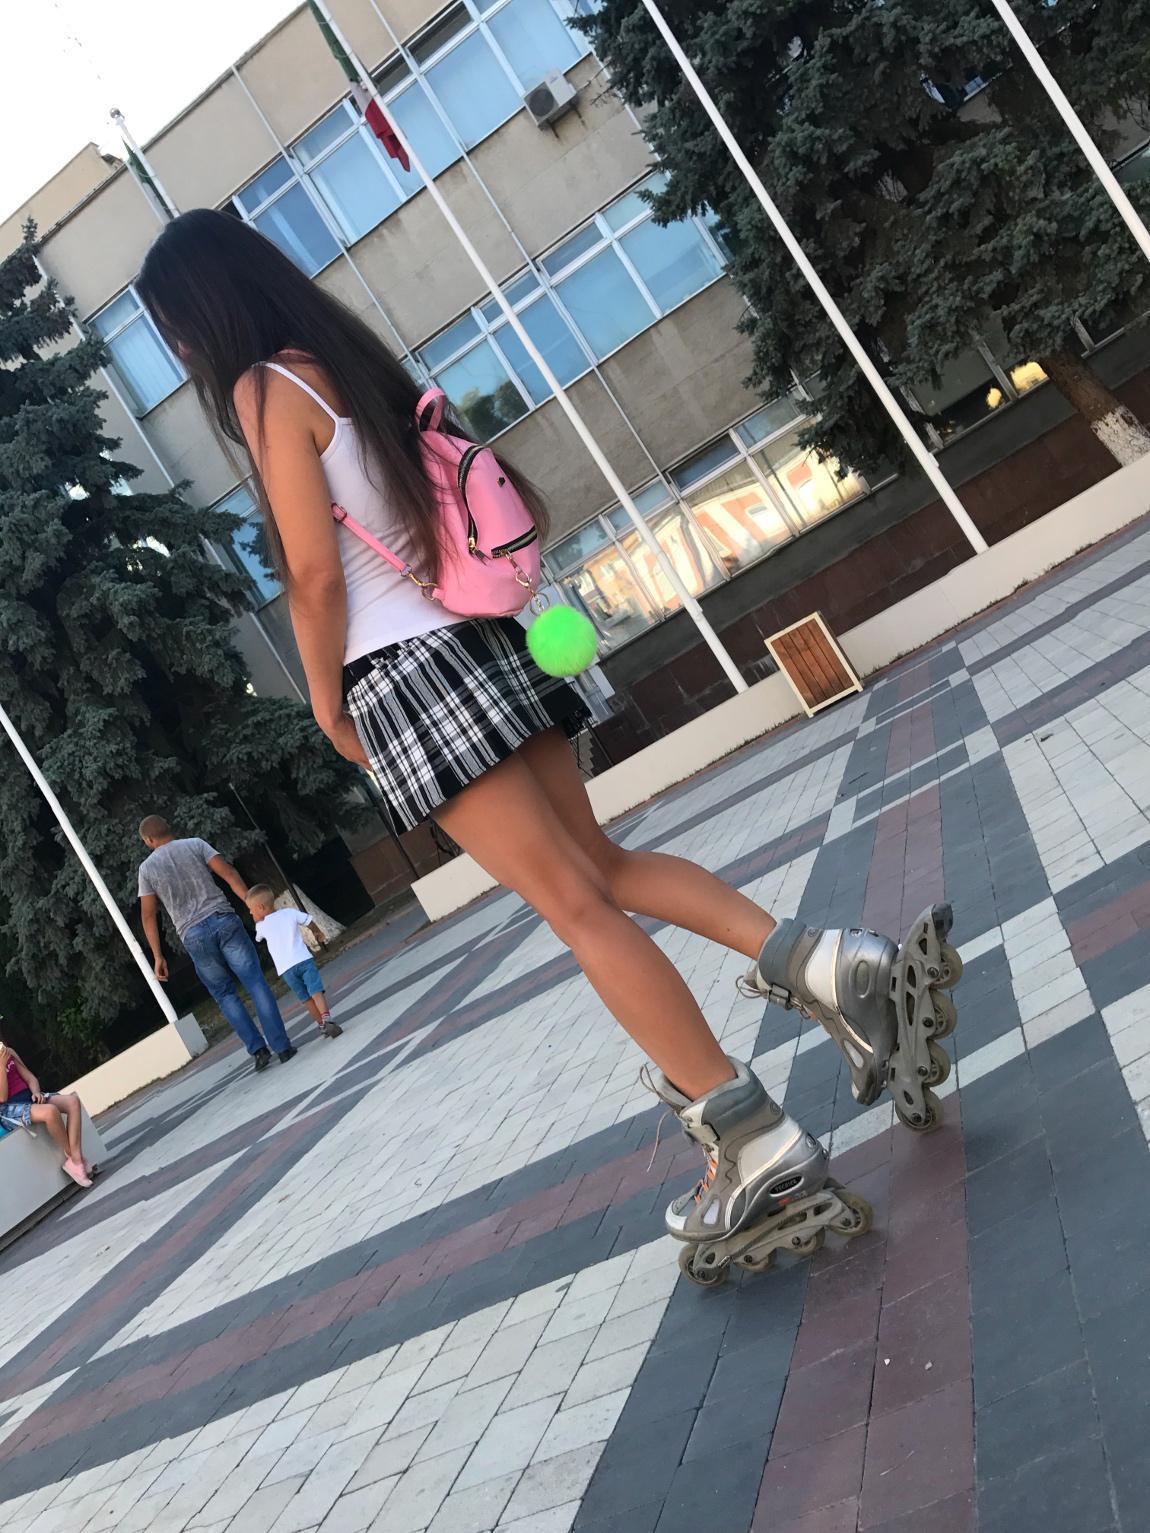 Грайливий образ школярки